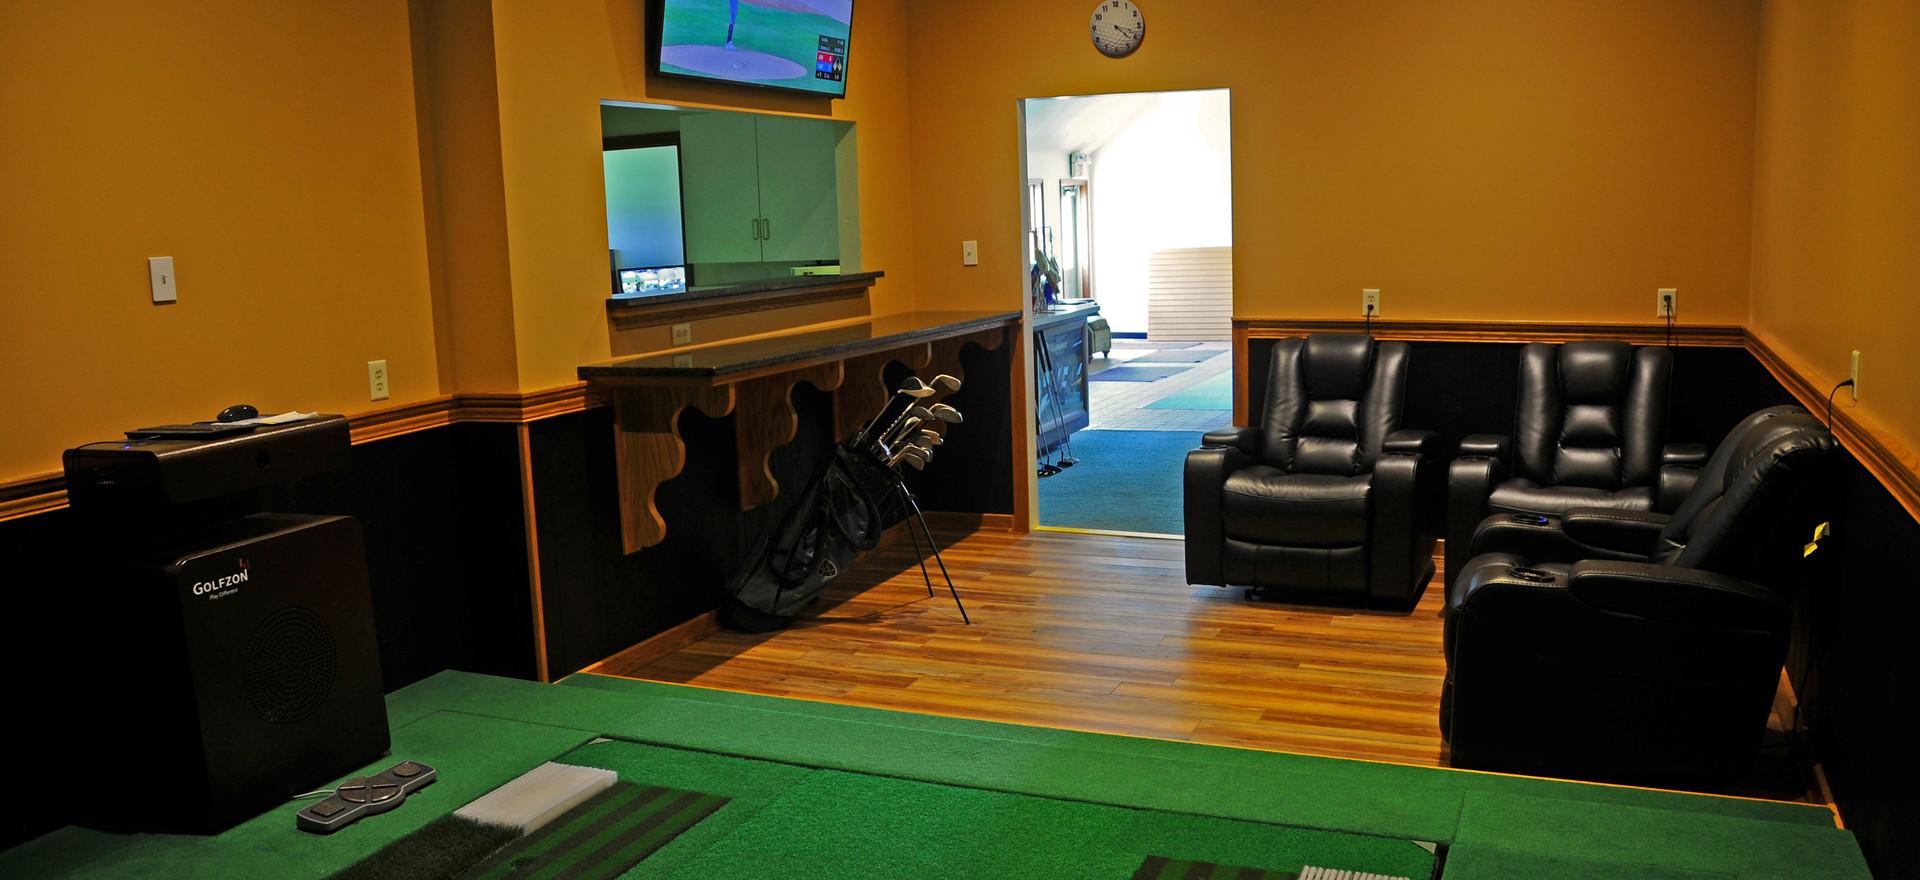 Simulator room.jpg